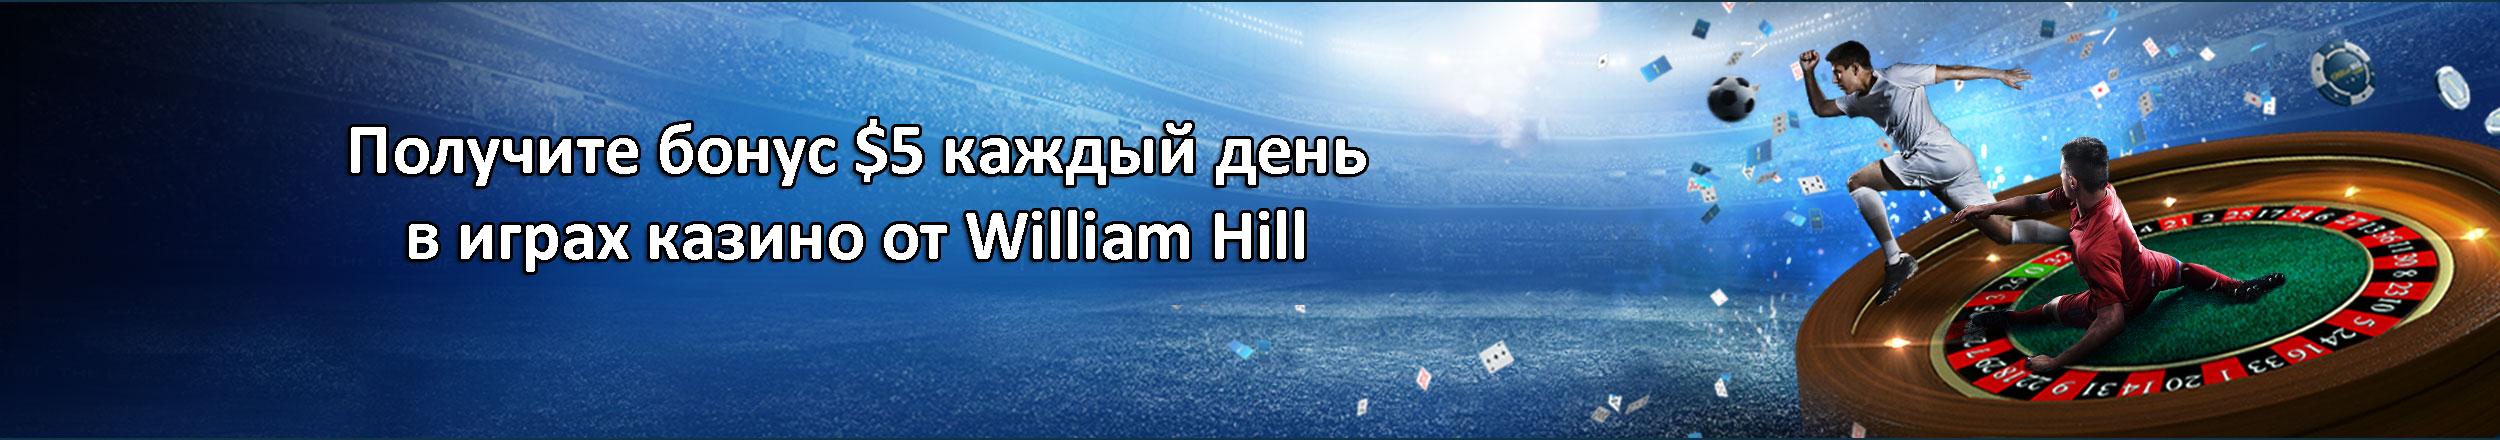 Получите бонус $5 каждый день в играх казино от William Hill